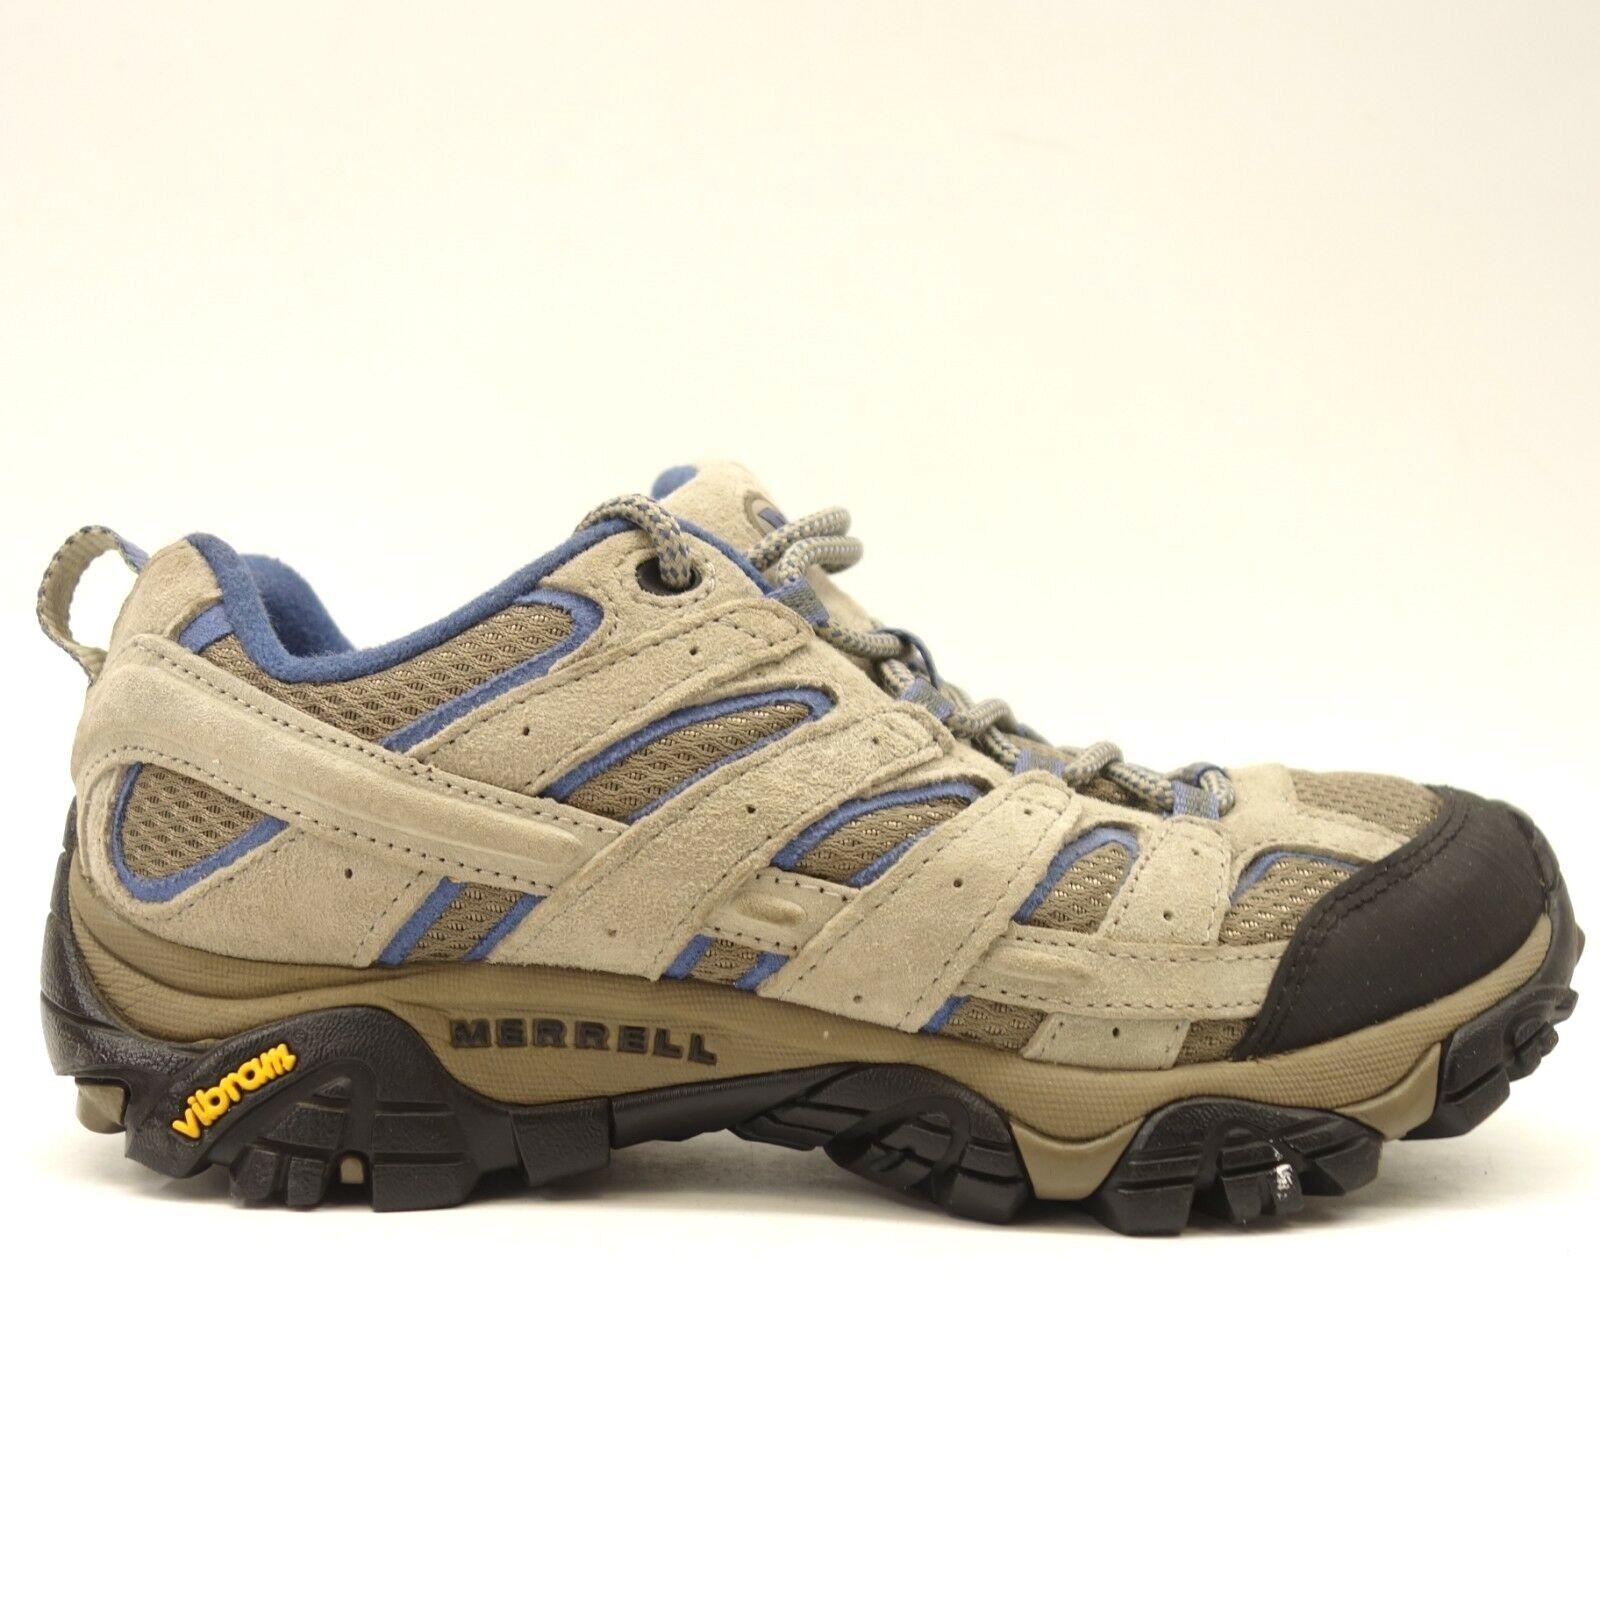 para proporcionarle una compra en línea agradable Merrell Para Mujer Moab 2 Baja Aluminio Senderismo Senderismo Senderismo Impermeable Atlético Trail Zapatos EE. UU. 8  la mejor oferta de tienda online